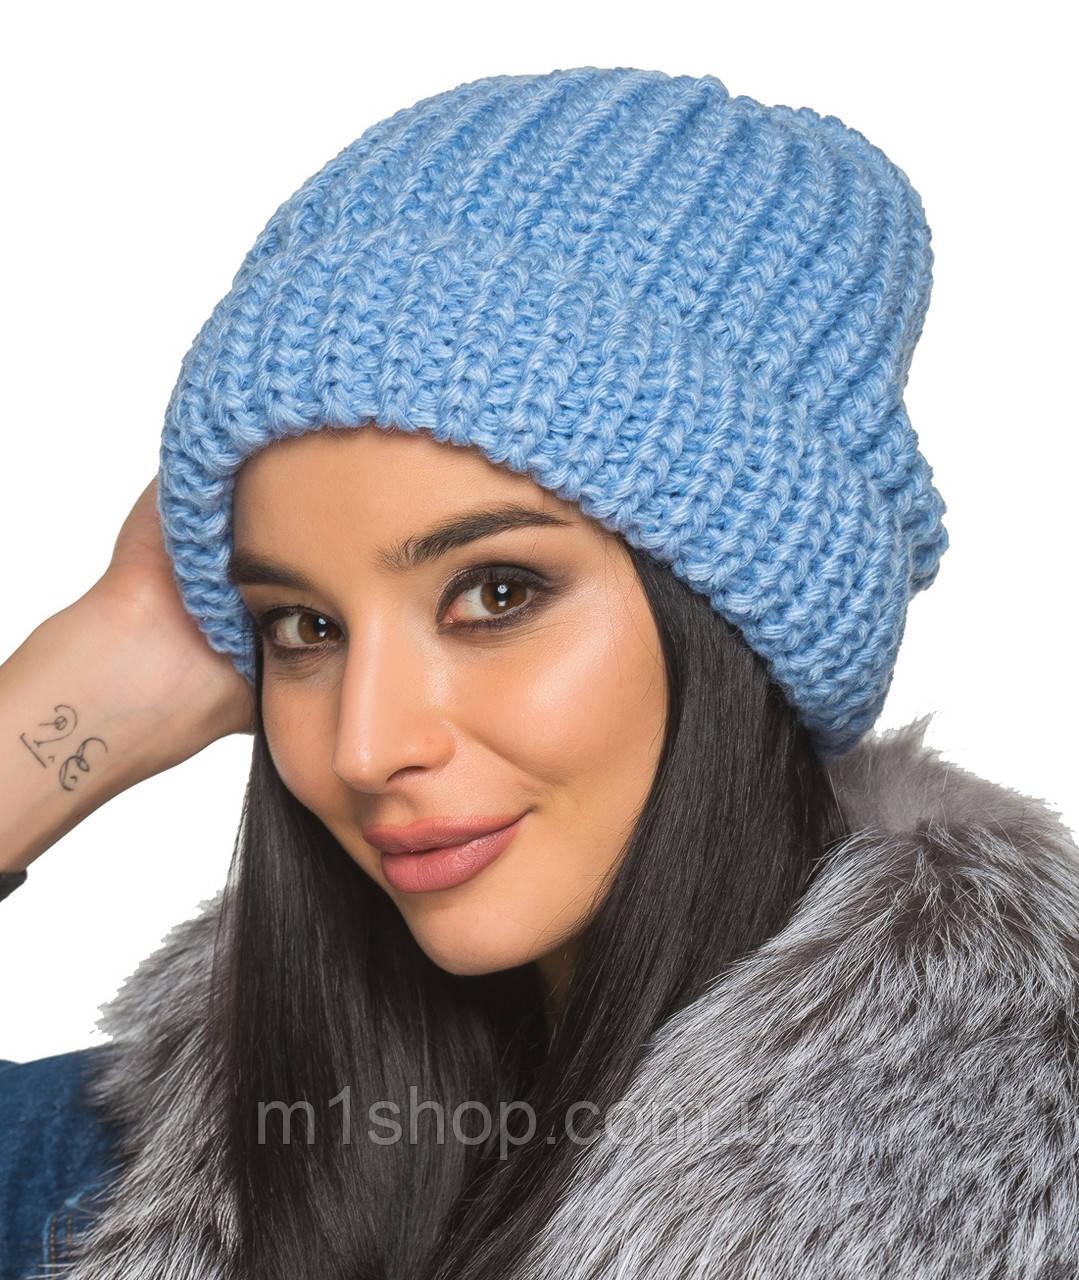 Вязаная женская шапка с отворотом (2027br) купить недорого ...